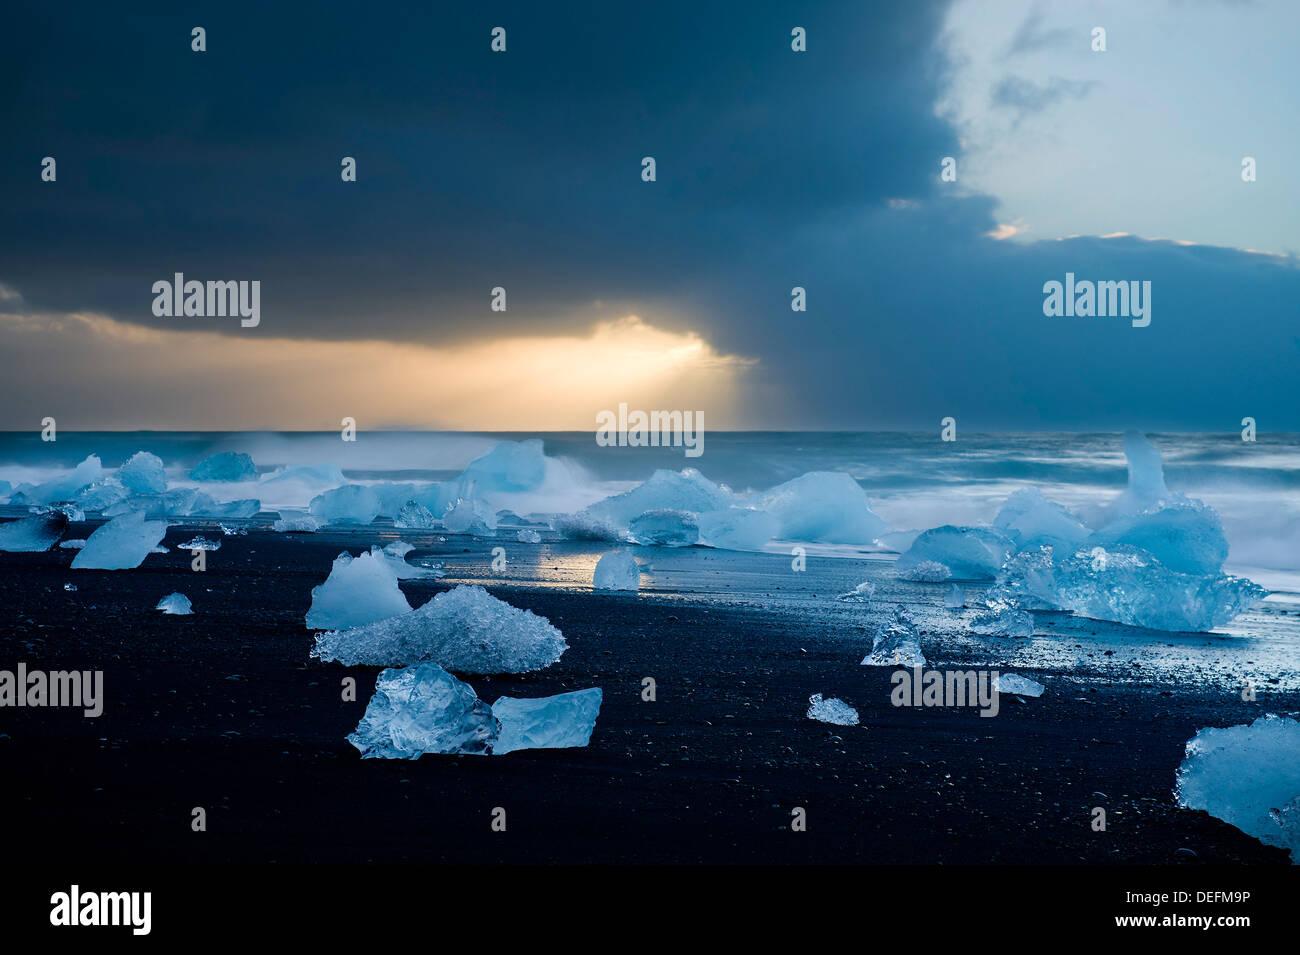 Eisberge am Strand, Jökulsárlón, Island, Polarregionen Stockfoto